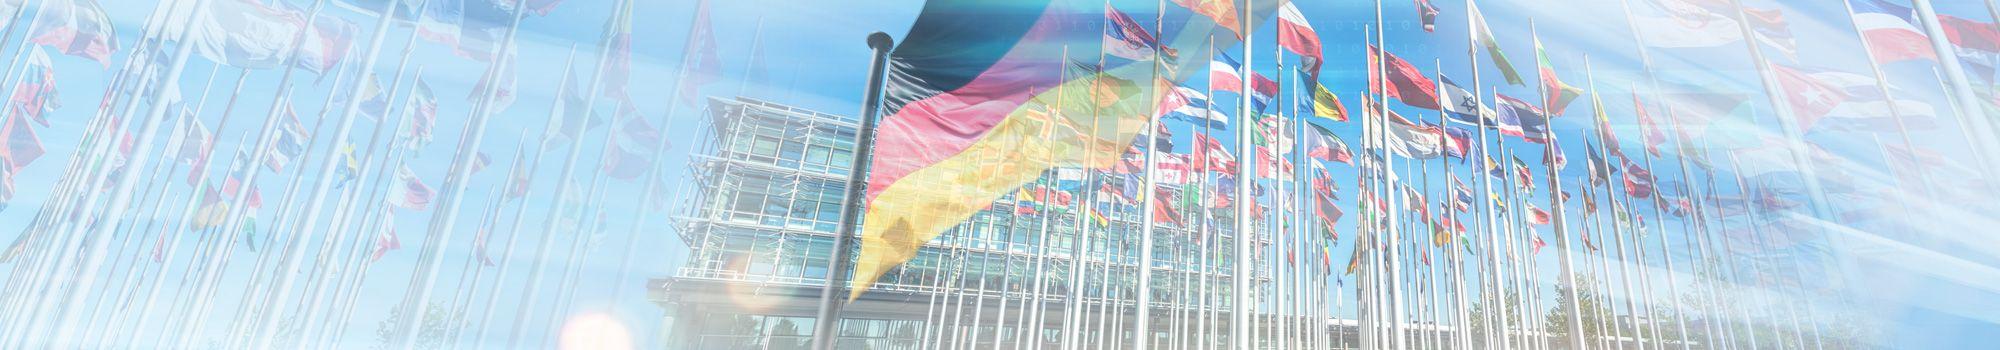 Umfassende Unterstützung für die Einbürgerungs- und Staatsangehörigkeitsbehörde